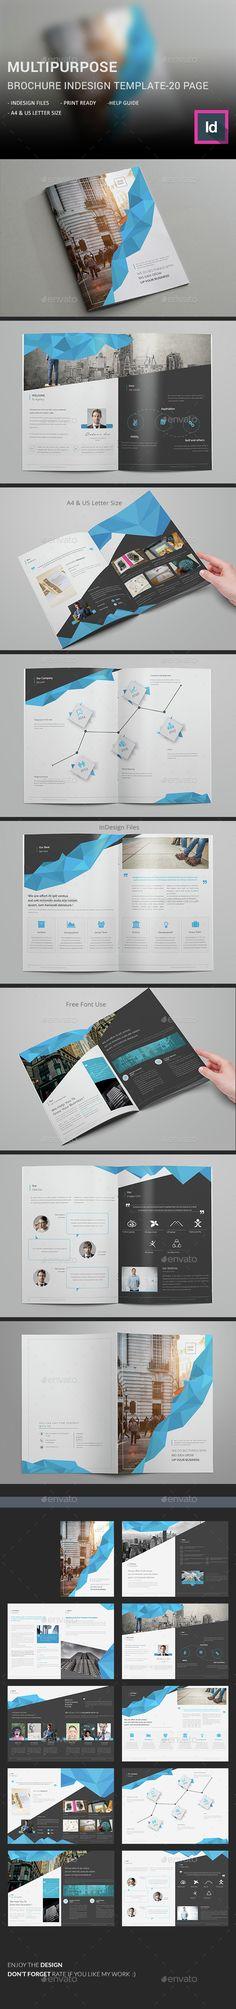 Annual Report Template u2014 PSD Template #green #report u2022 Download - annual report templates free download